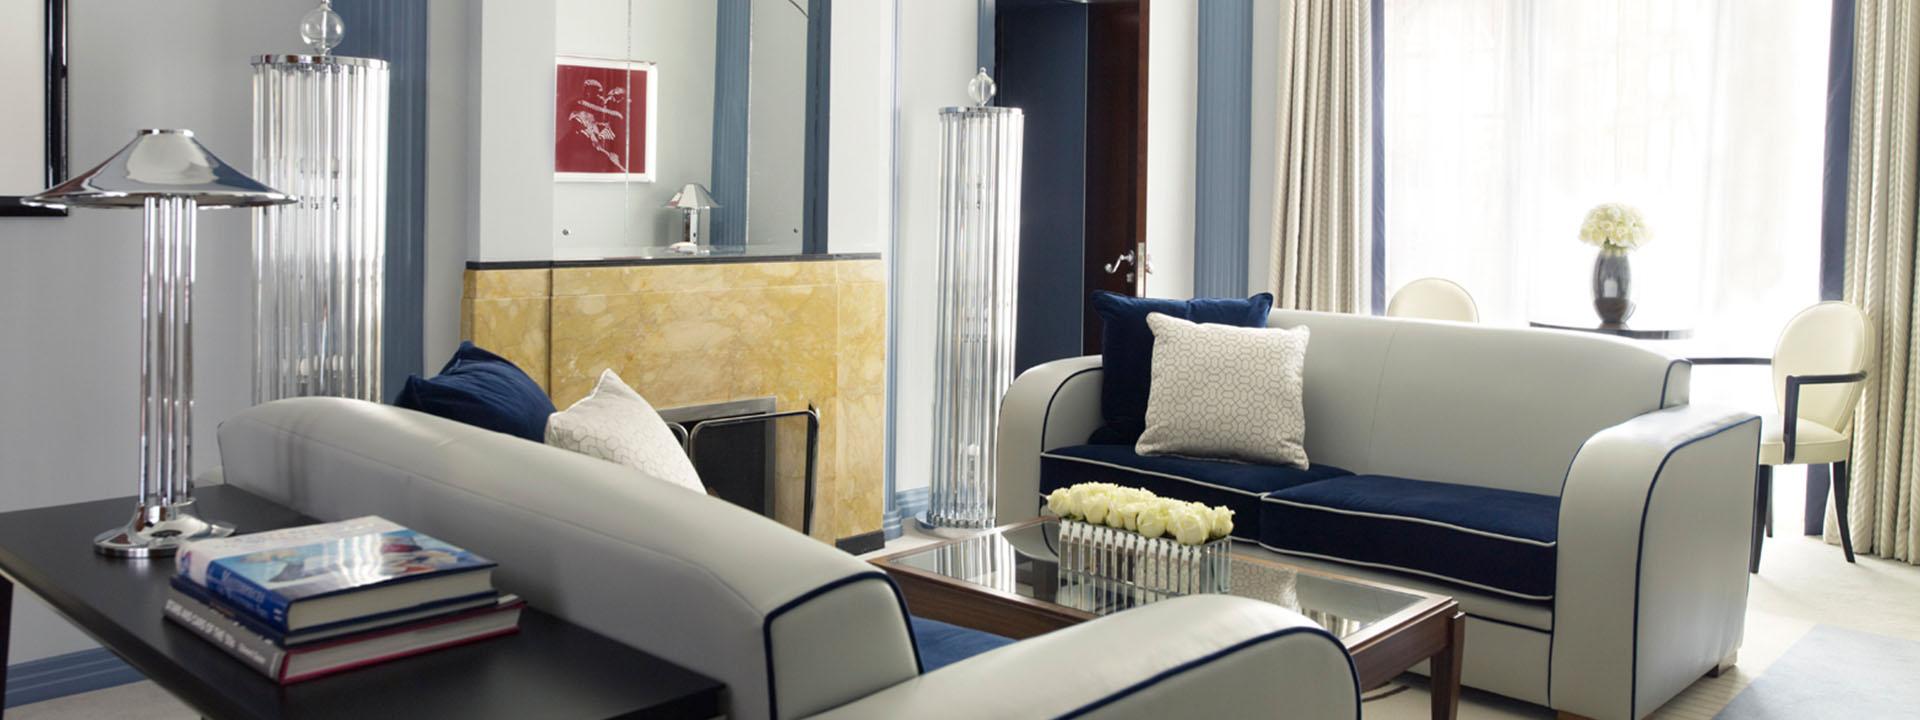 Claridge's Suite Sitting Room